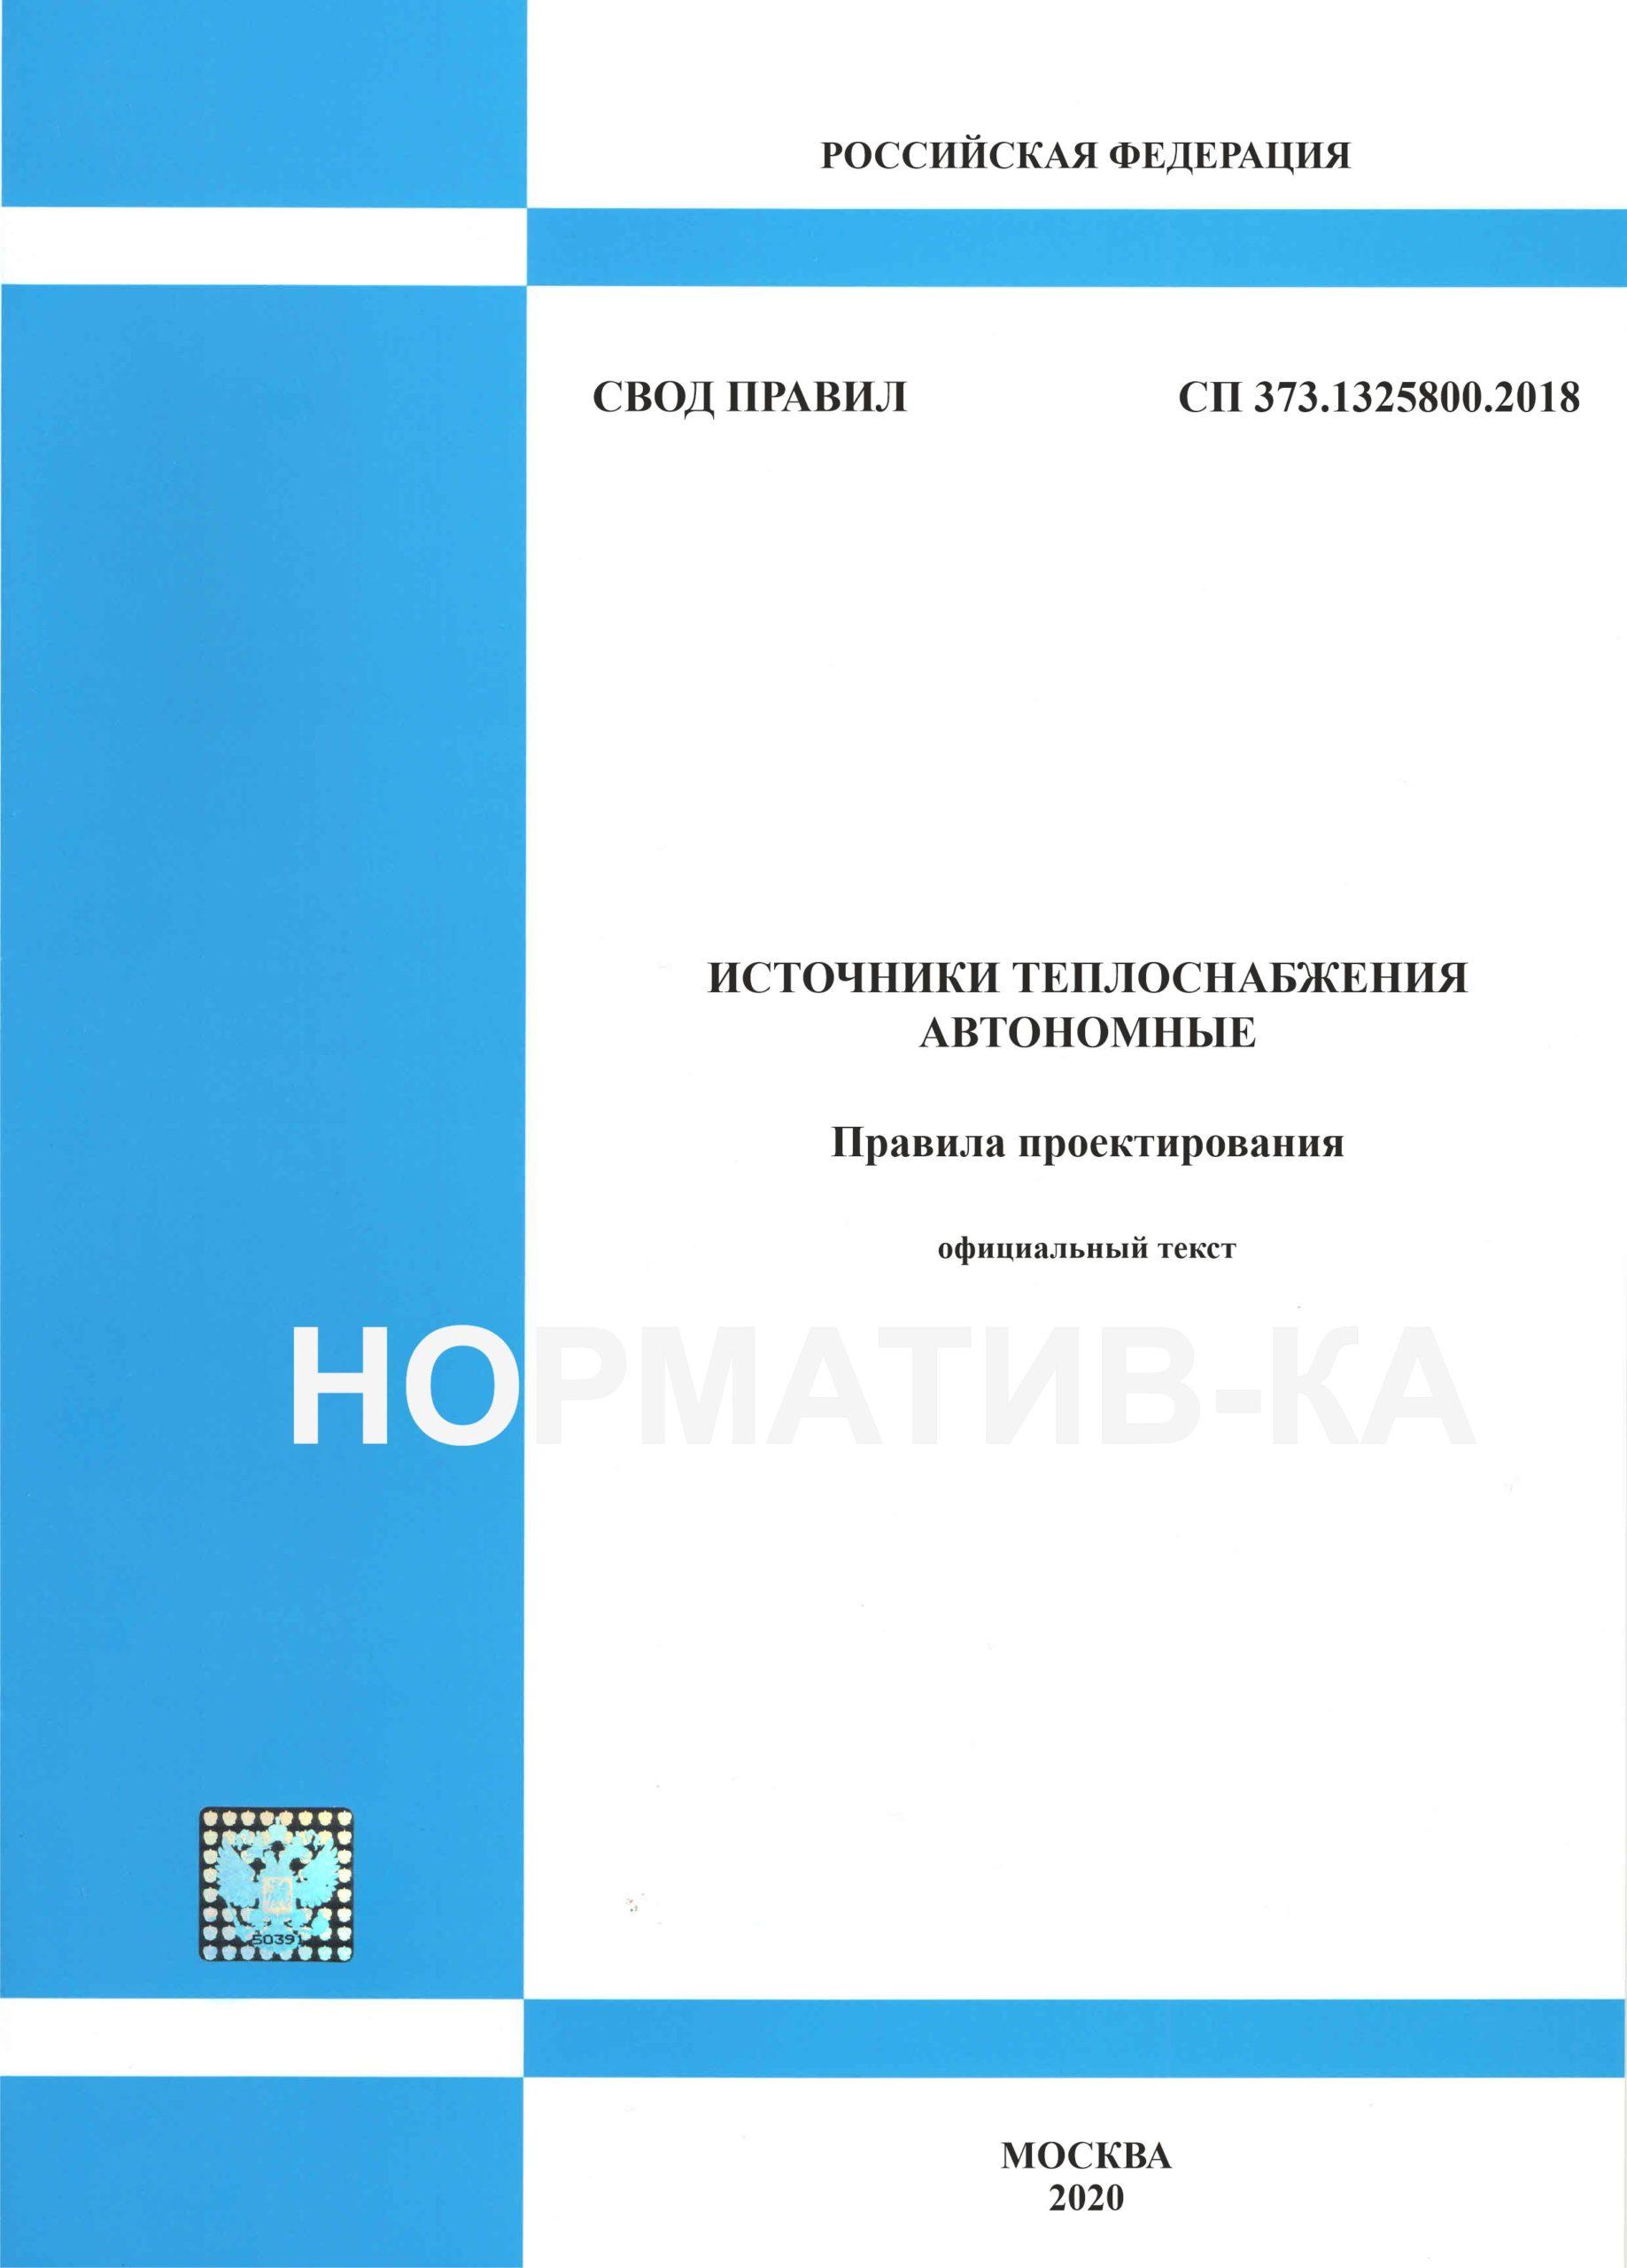 СП 373.1325800.2018